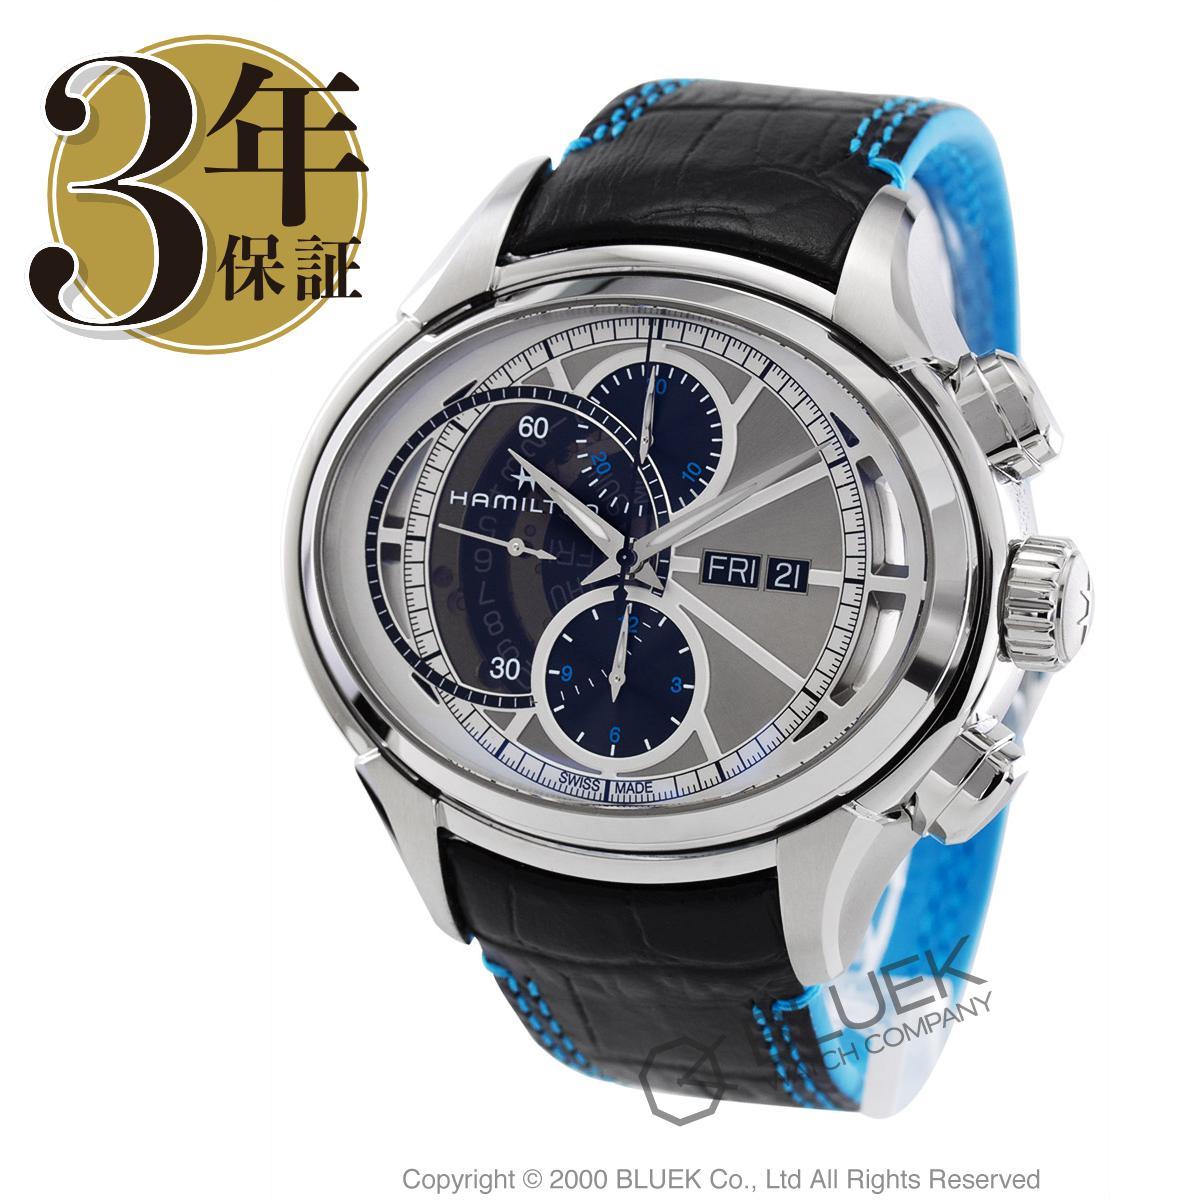 ハミルトン ジャズマスター フェイス2フェイスII クロノグラフ 世界限定1999本 腕時計 メンズ HAMILTON H32866781_8